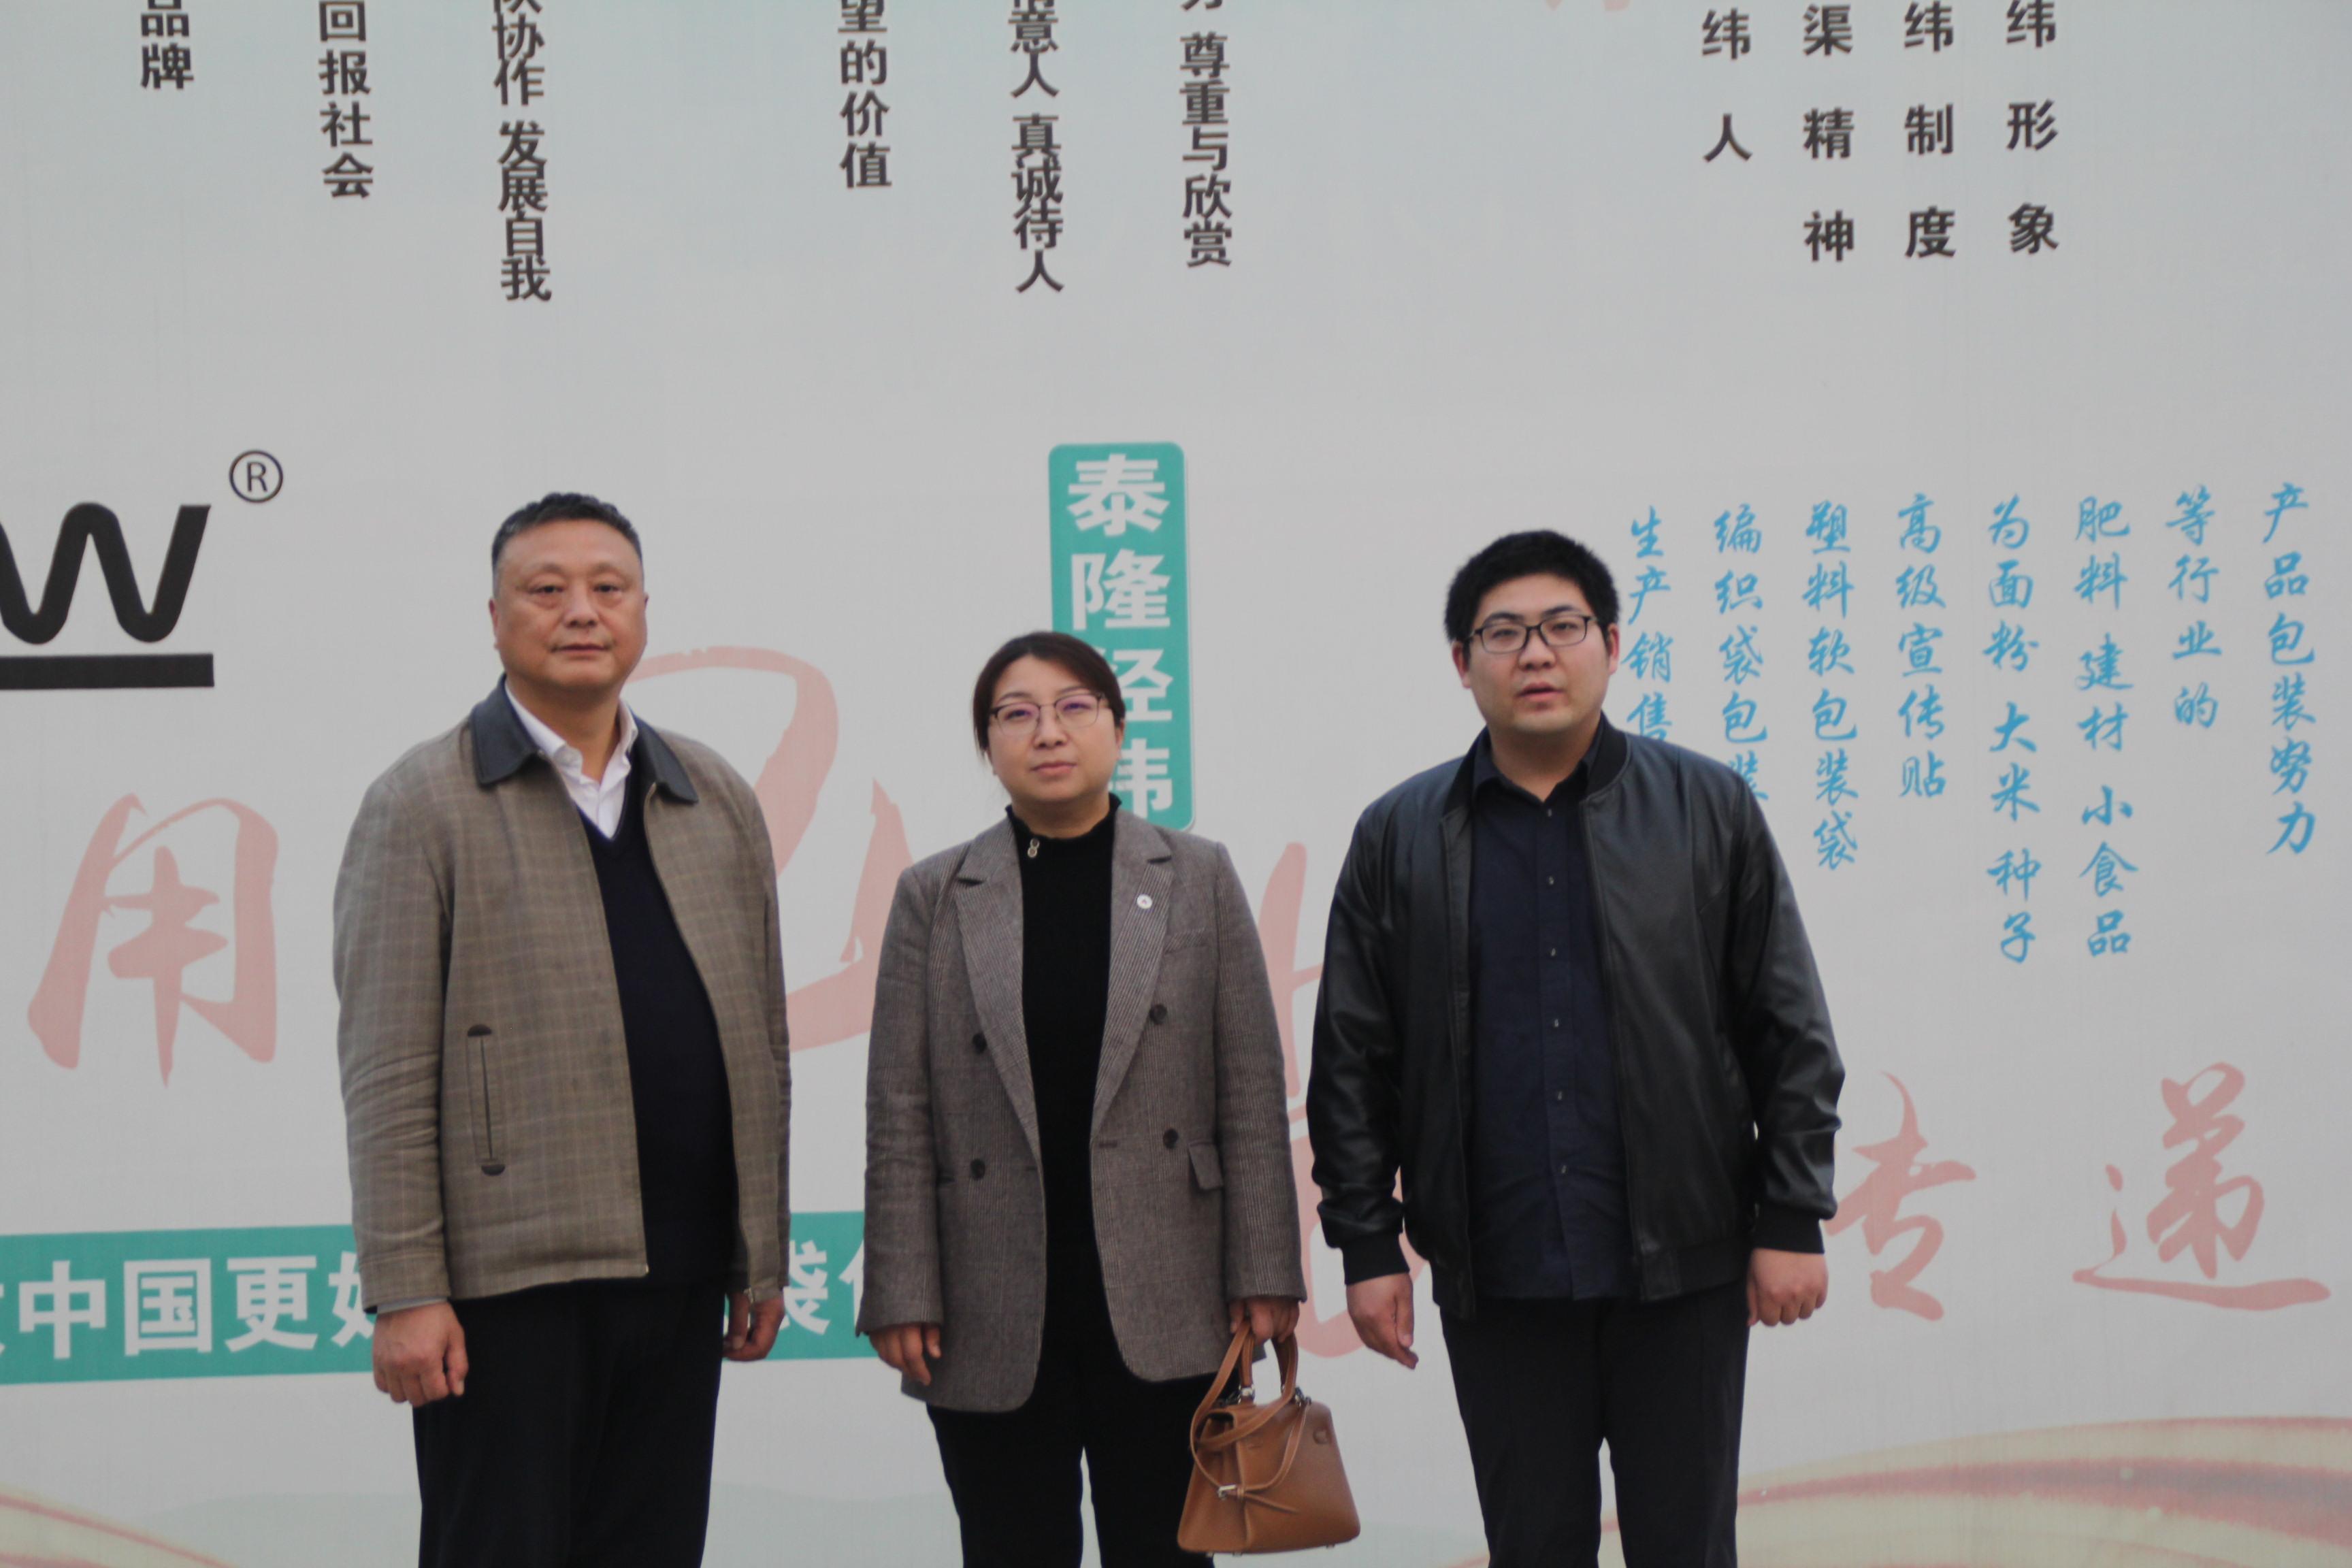 郑州大学包装工程校友会走访河南泰隆经纬实业有限公司